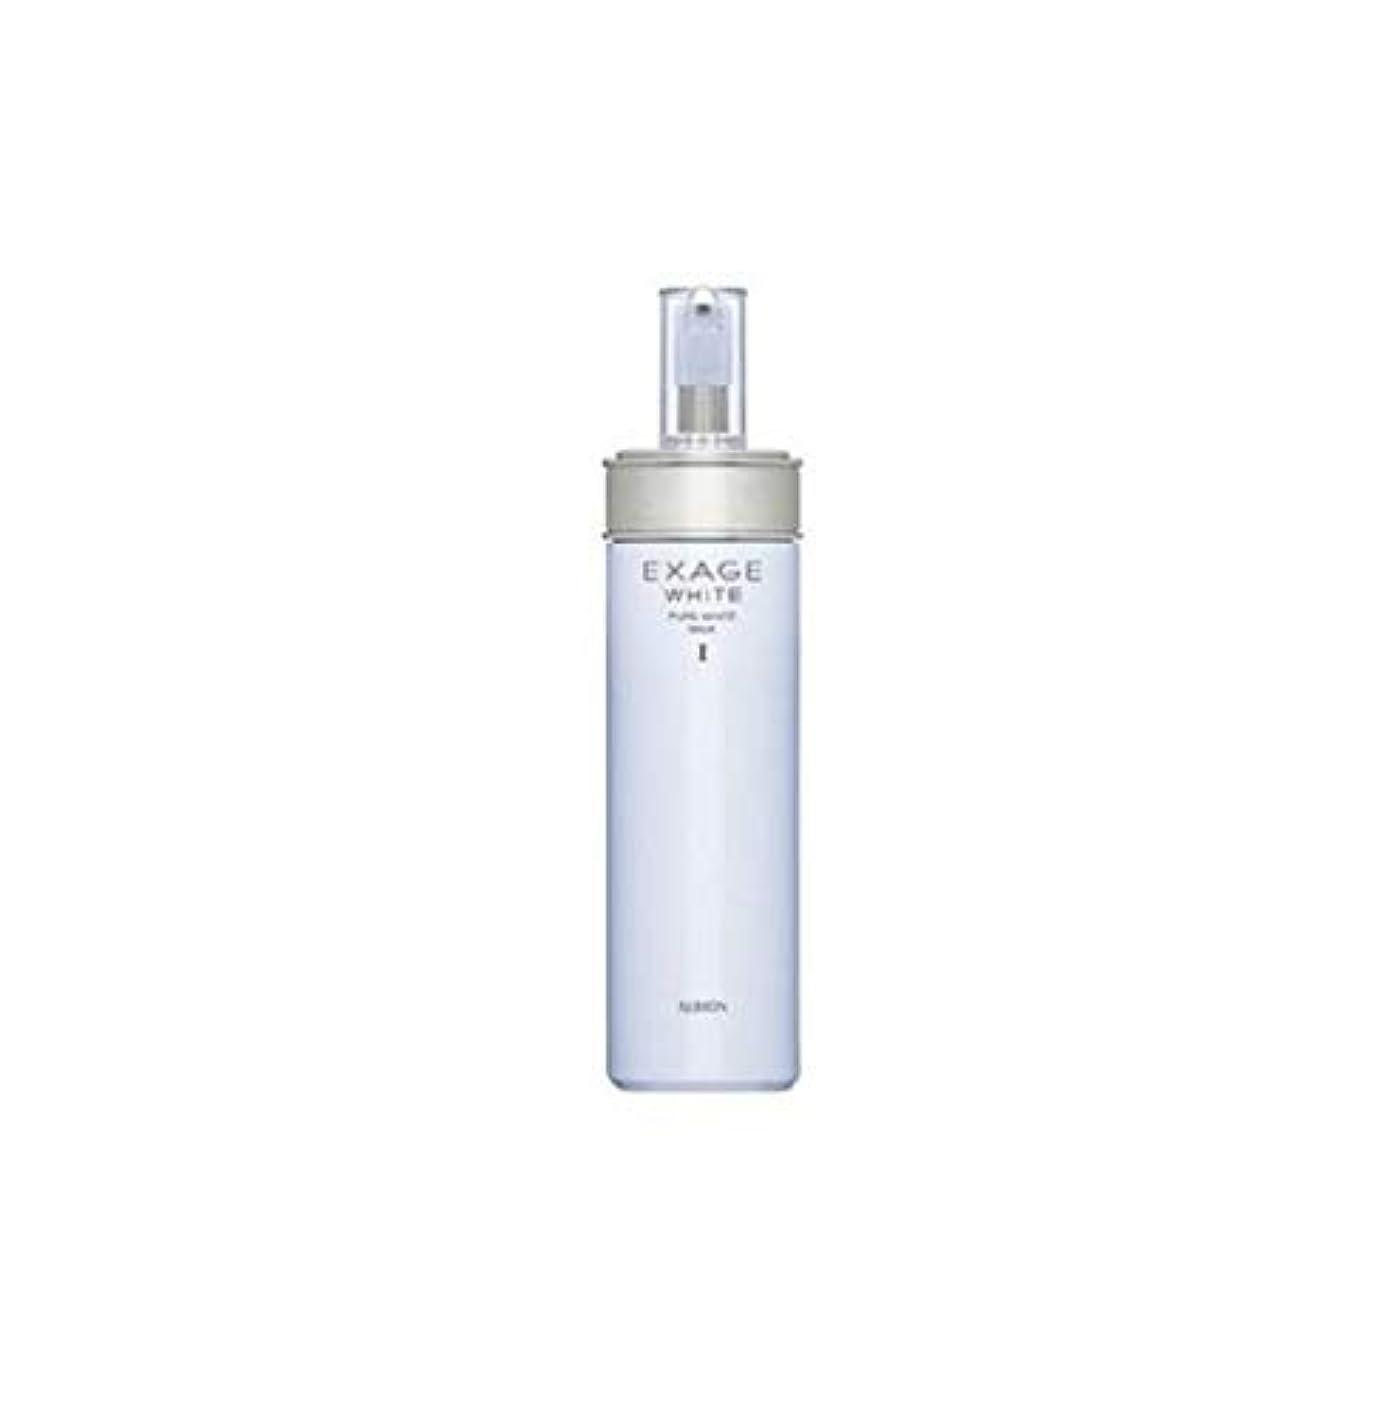 爆発メタリックあいにくALBION(アルビオン) エクサージュホワイト ピュアホワイト ミルク I 200g [ 乳液 ]